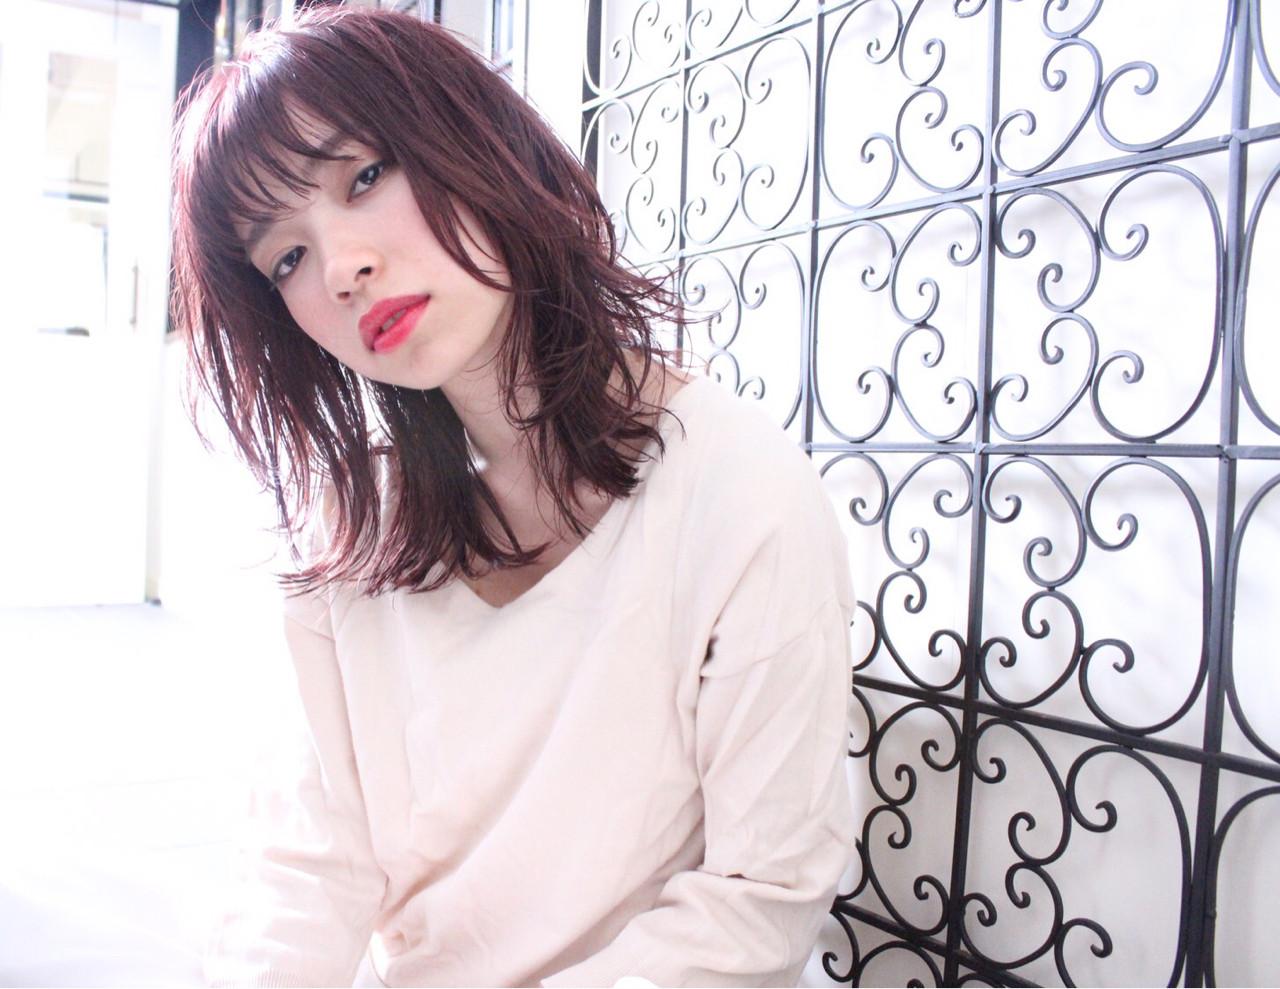 レイヤーカット 春 ミディアム ナチュラル ヘアスタイルや髪型の写真・画像 | ひろみ /